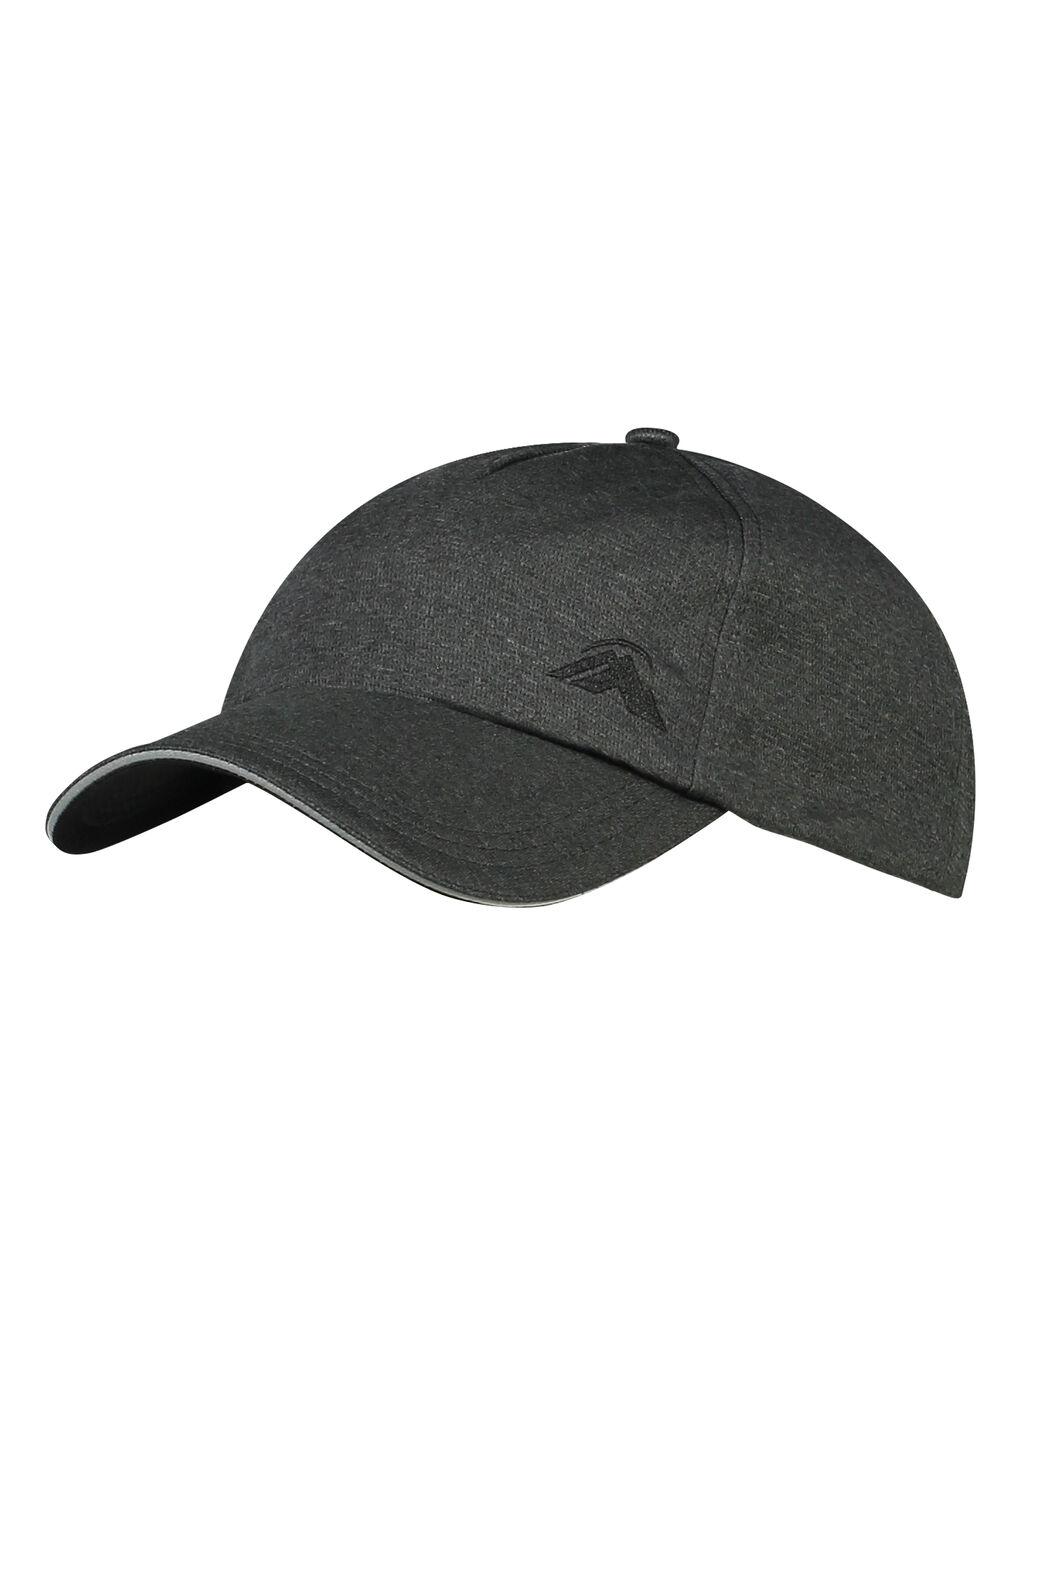 Macpac Trail Cap, Dark Grey, hi-res